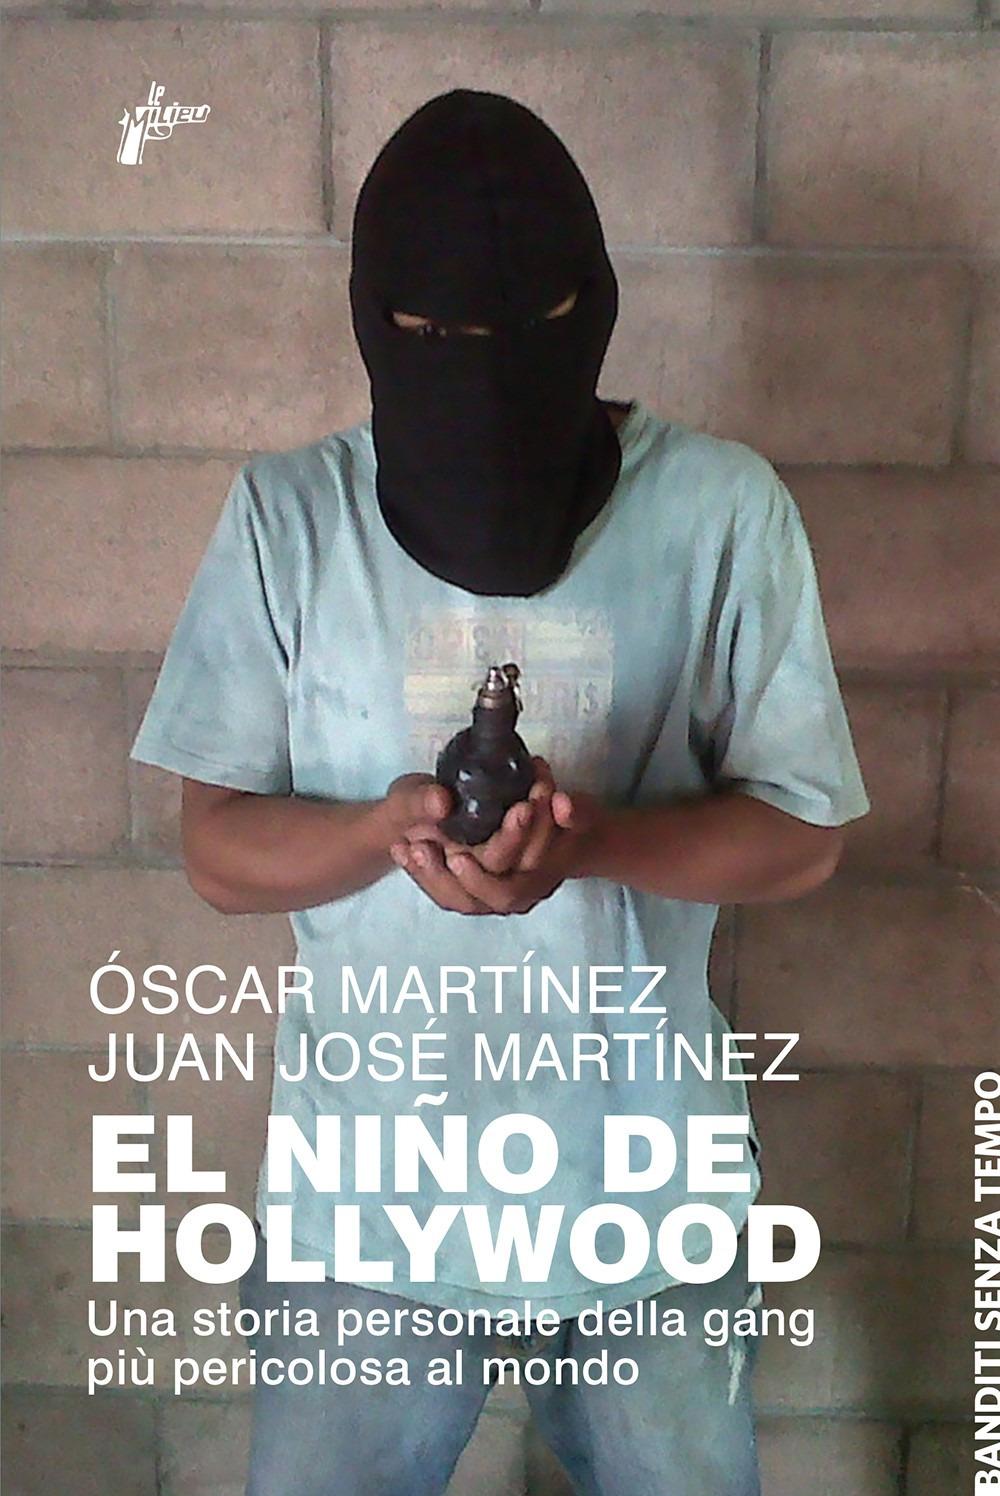 NIN~O DE HOLLYWOOD. UNA STORIA PERSONALE DELLA GANG PIÙ PERICOLOSA AL MONDO (EL)